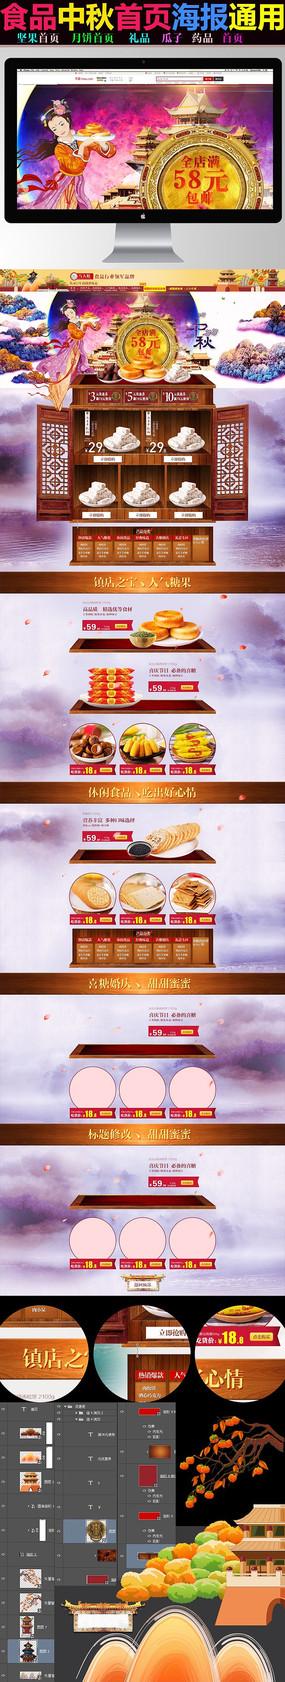 淘宝天猫中秋食品首页海报模版